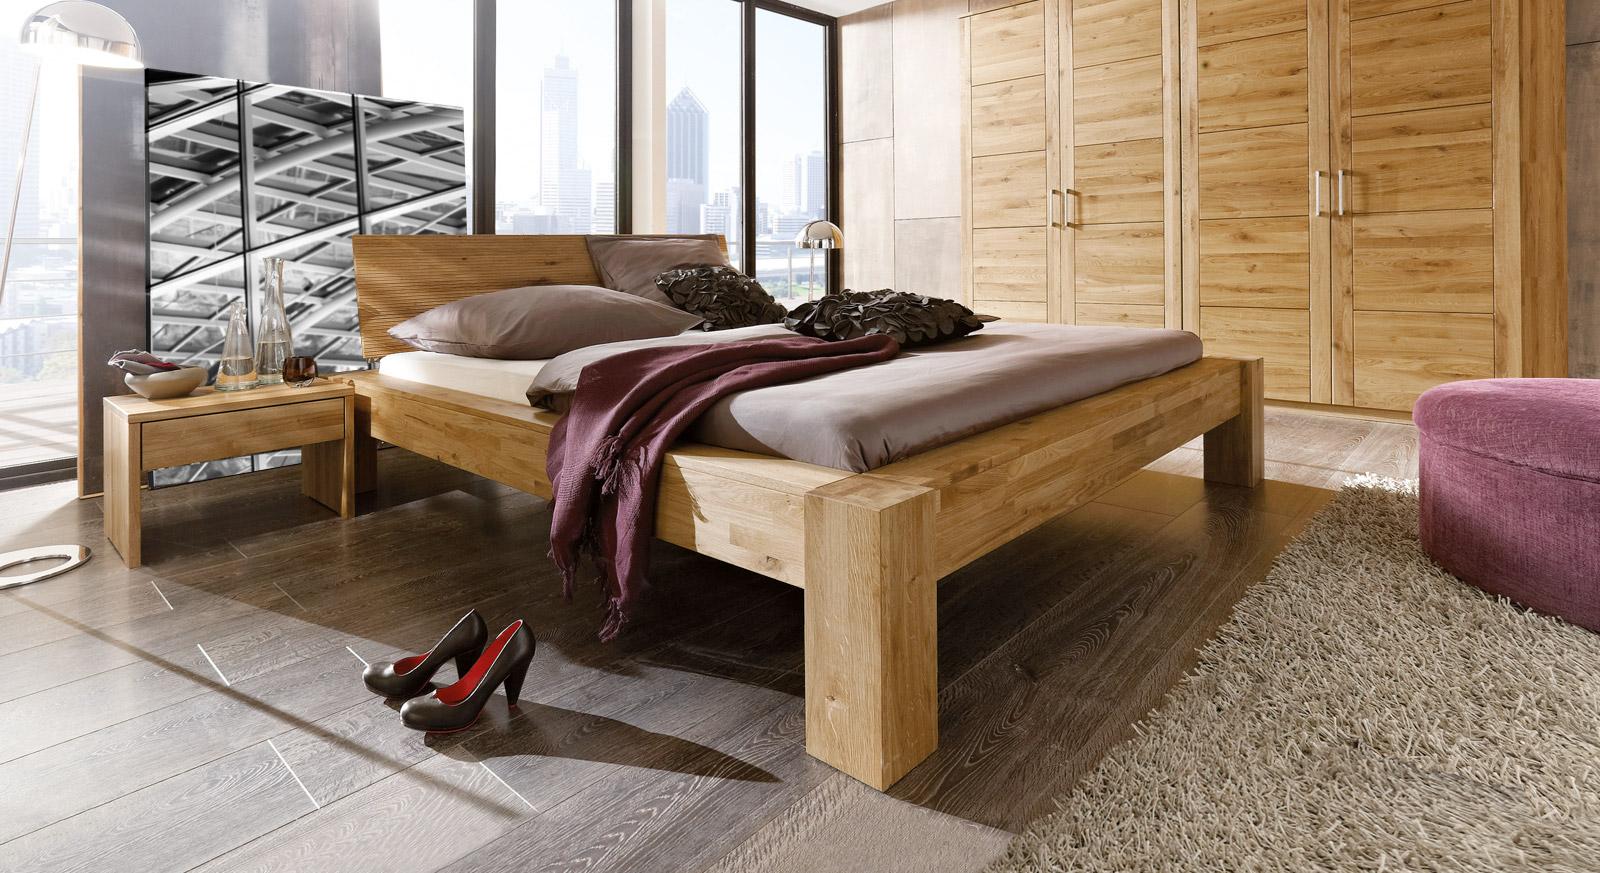 Marsala, ein massives Bett aus Eiche